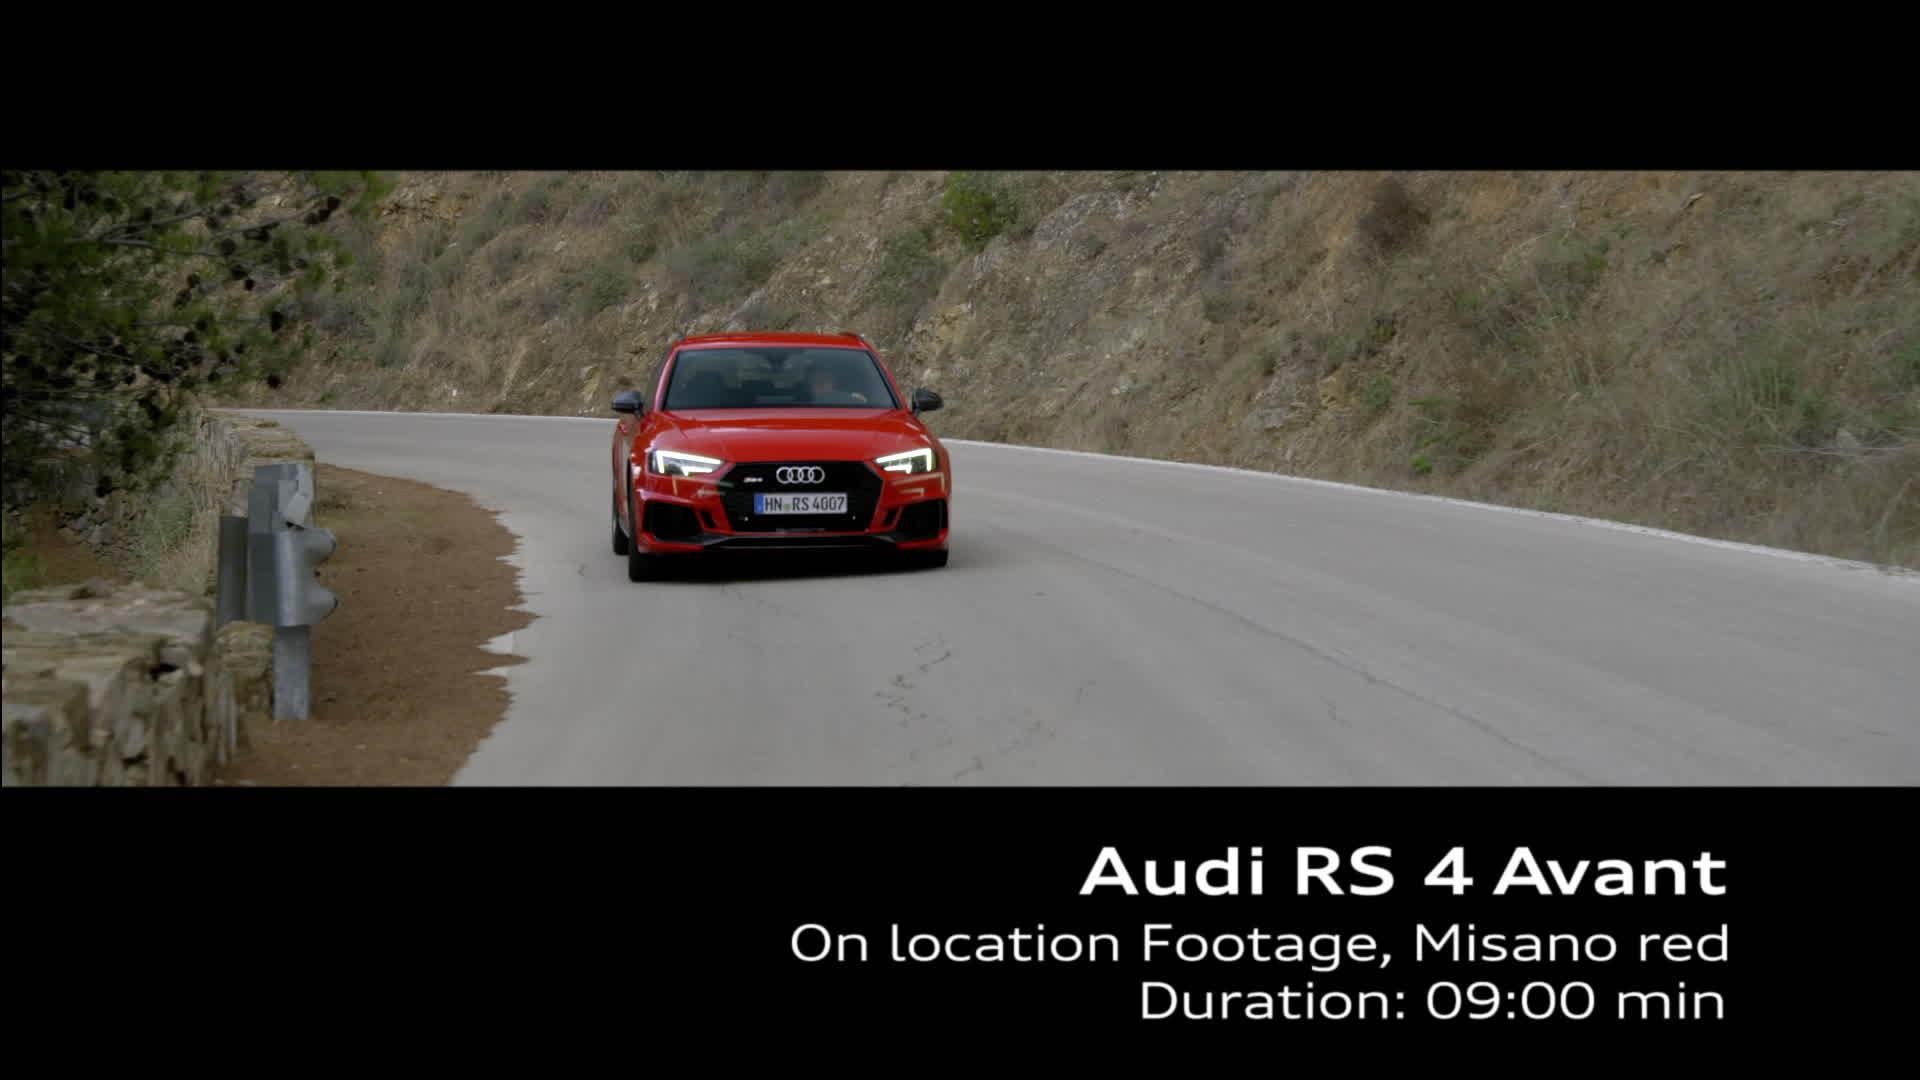 Audi RS 4 (2017) Footage on Location